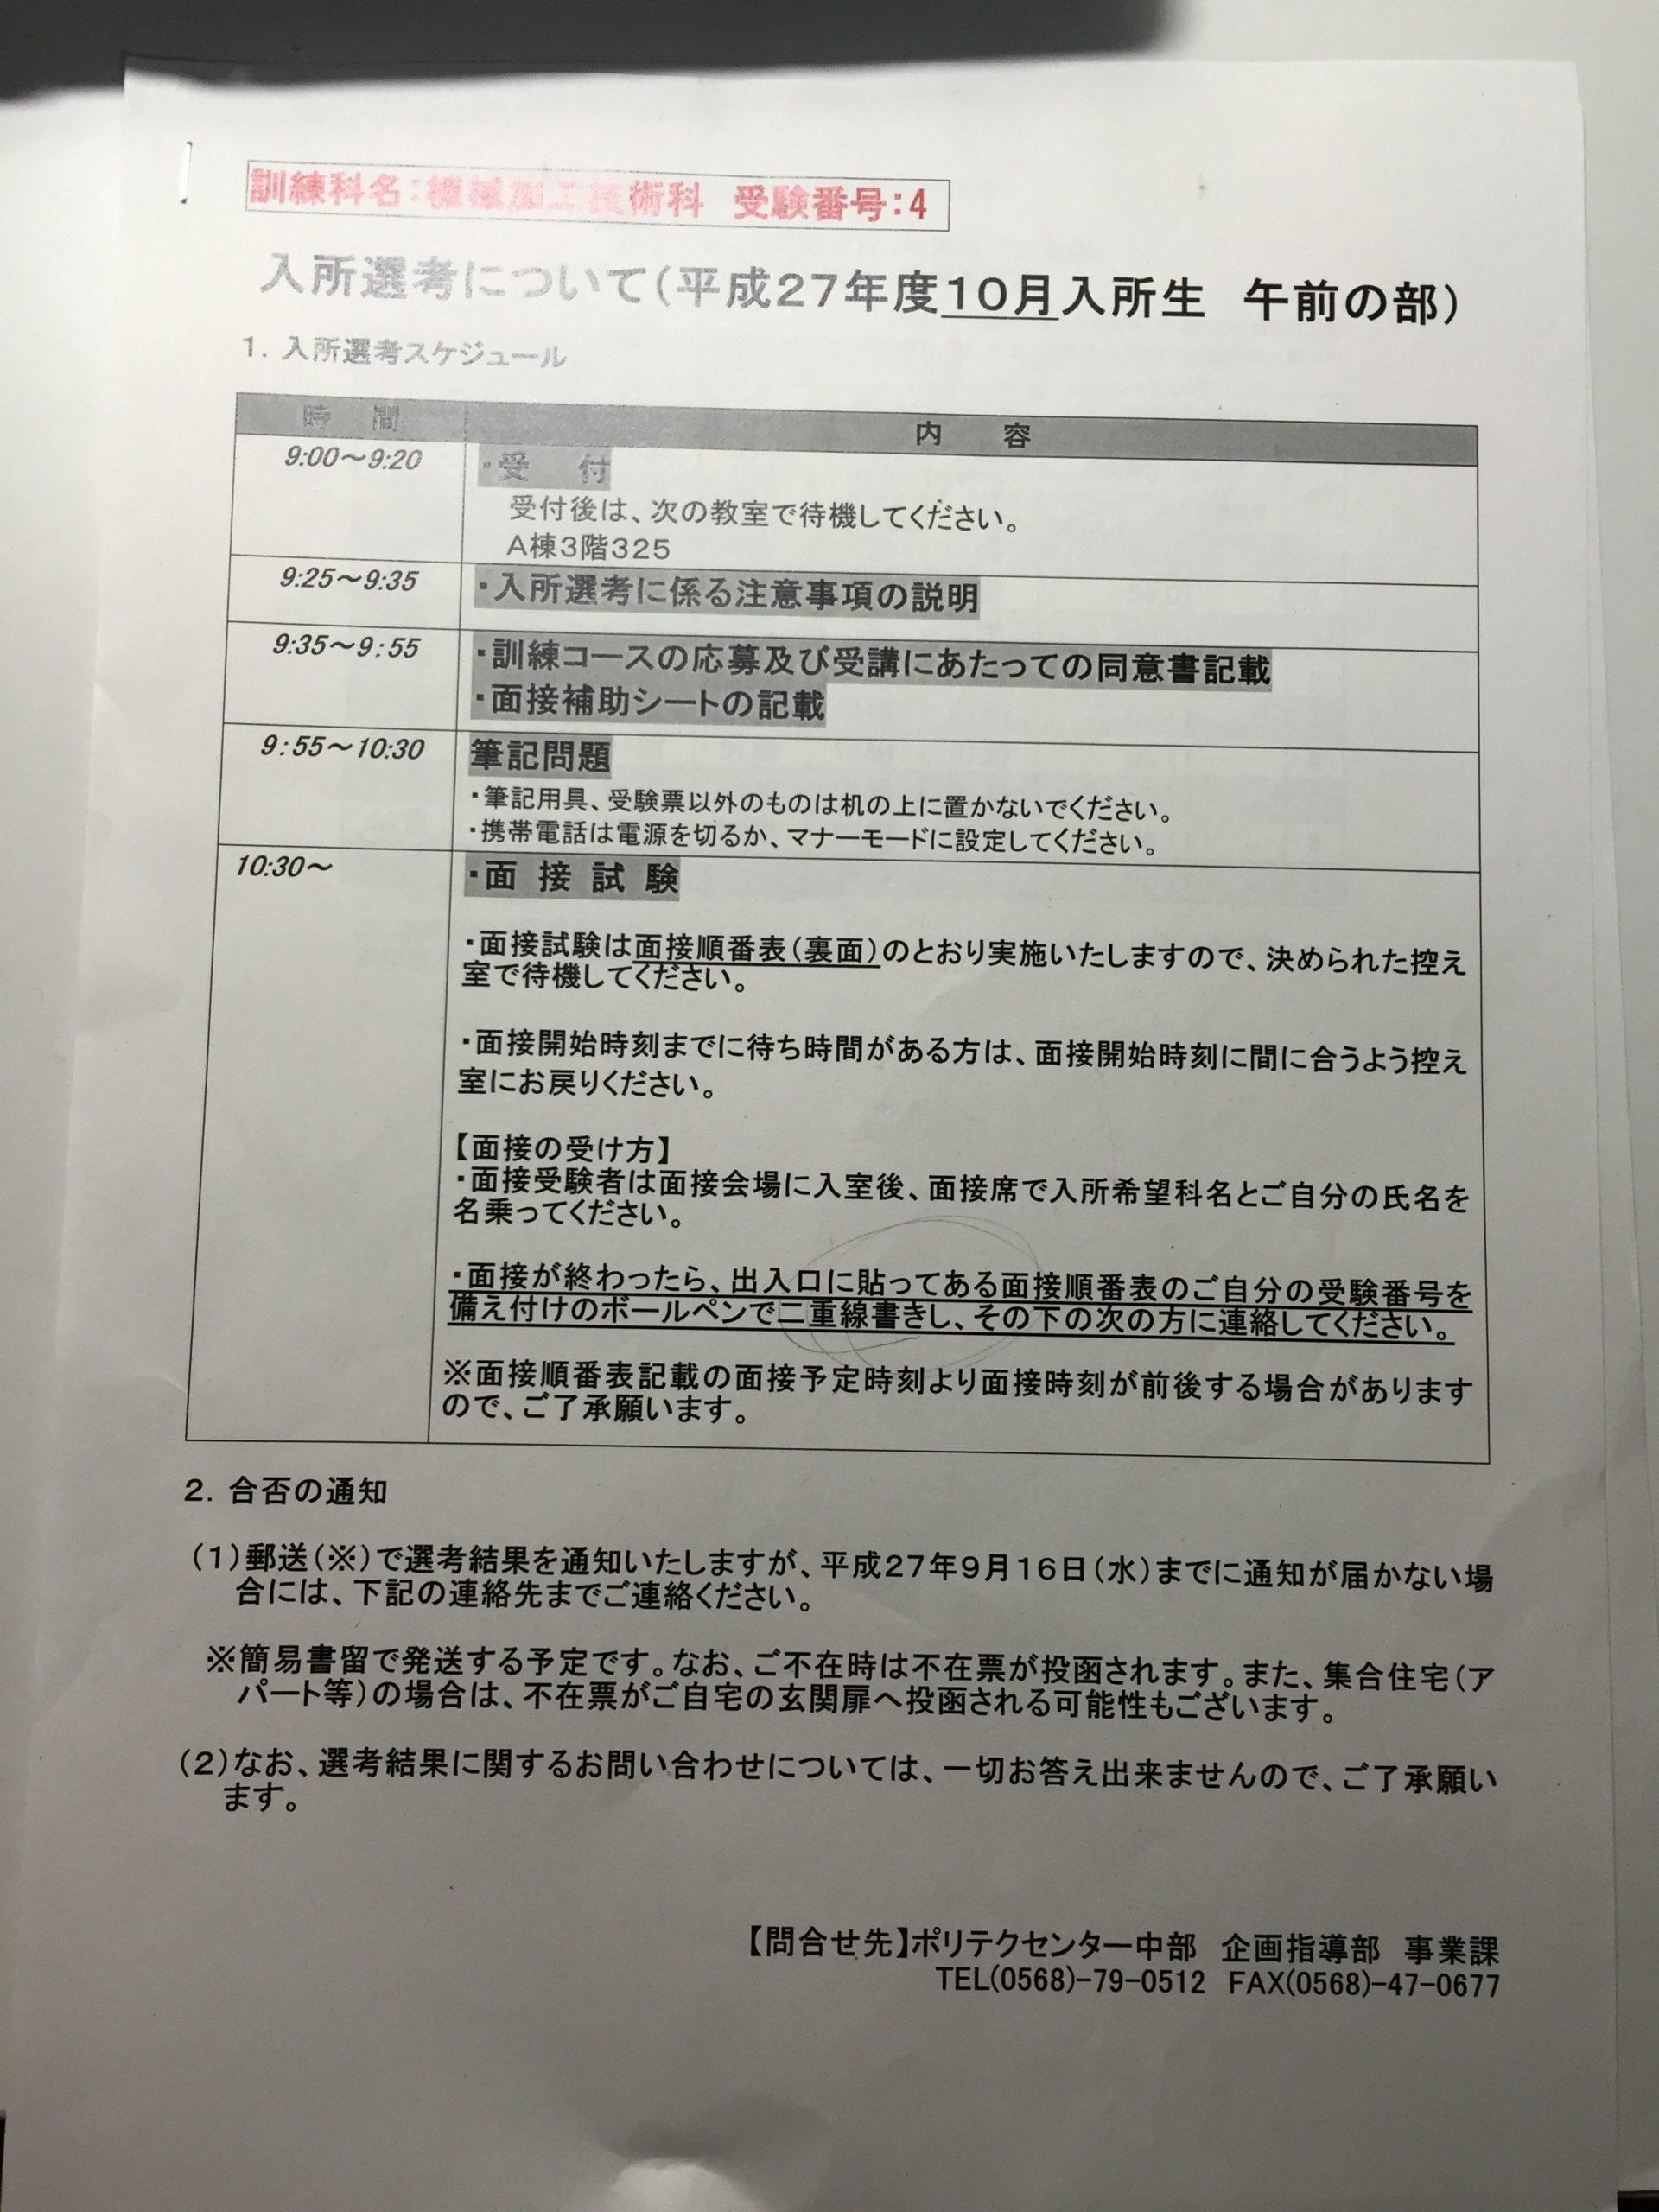 職業訓練入所選考スケジュール